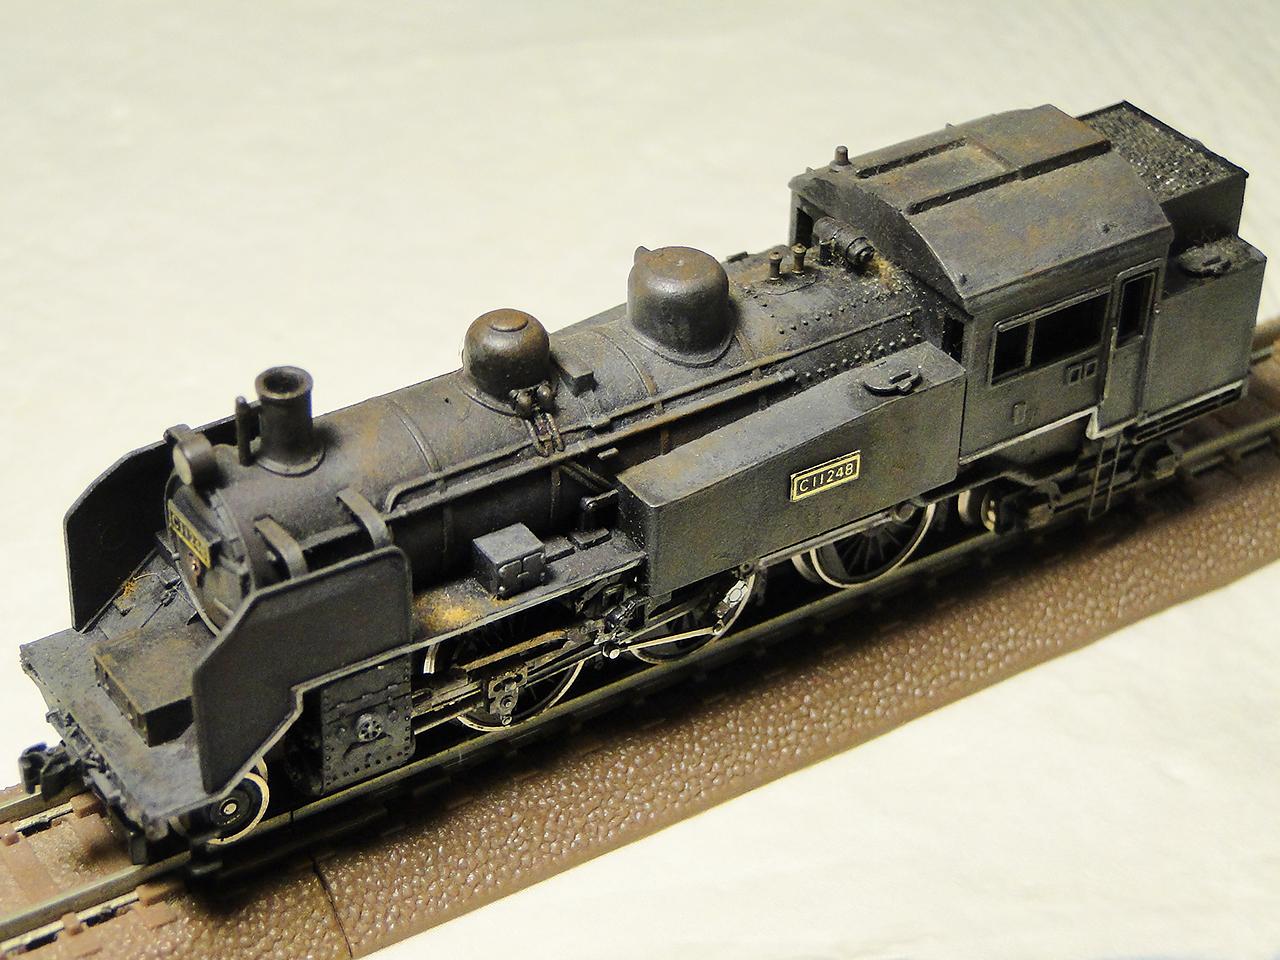 http://moritetsu.info/model-railway/img/DSC06280sssss.jpg